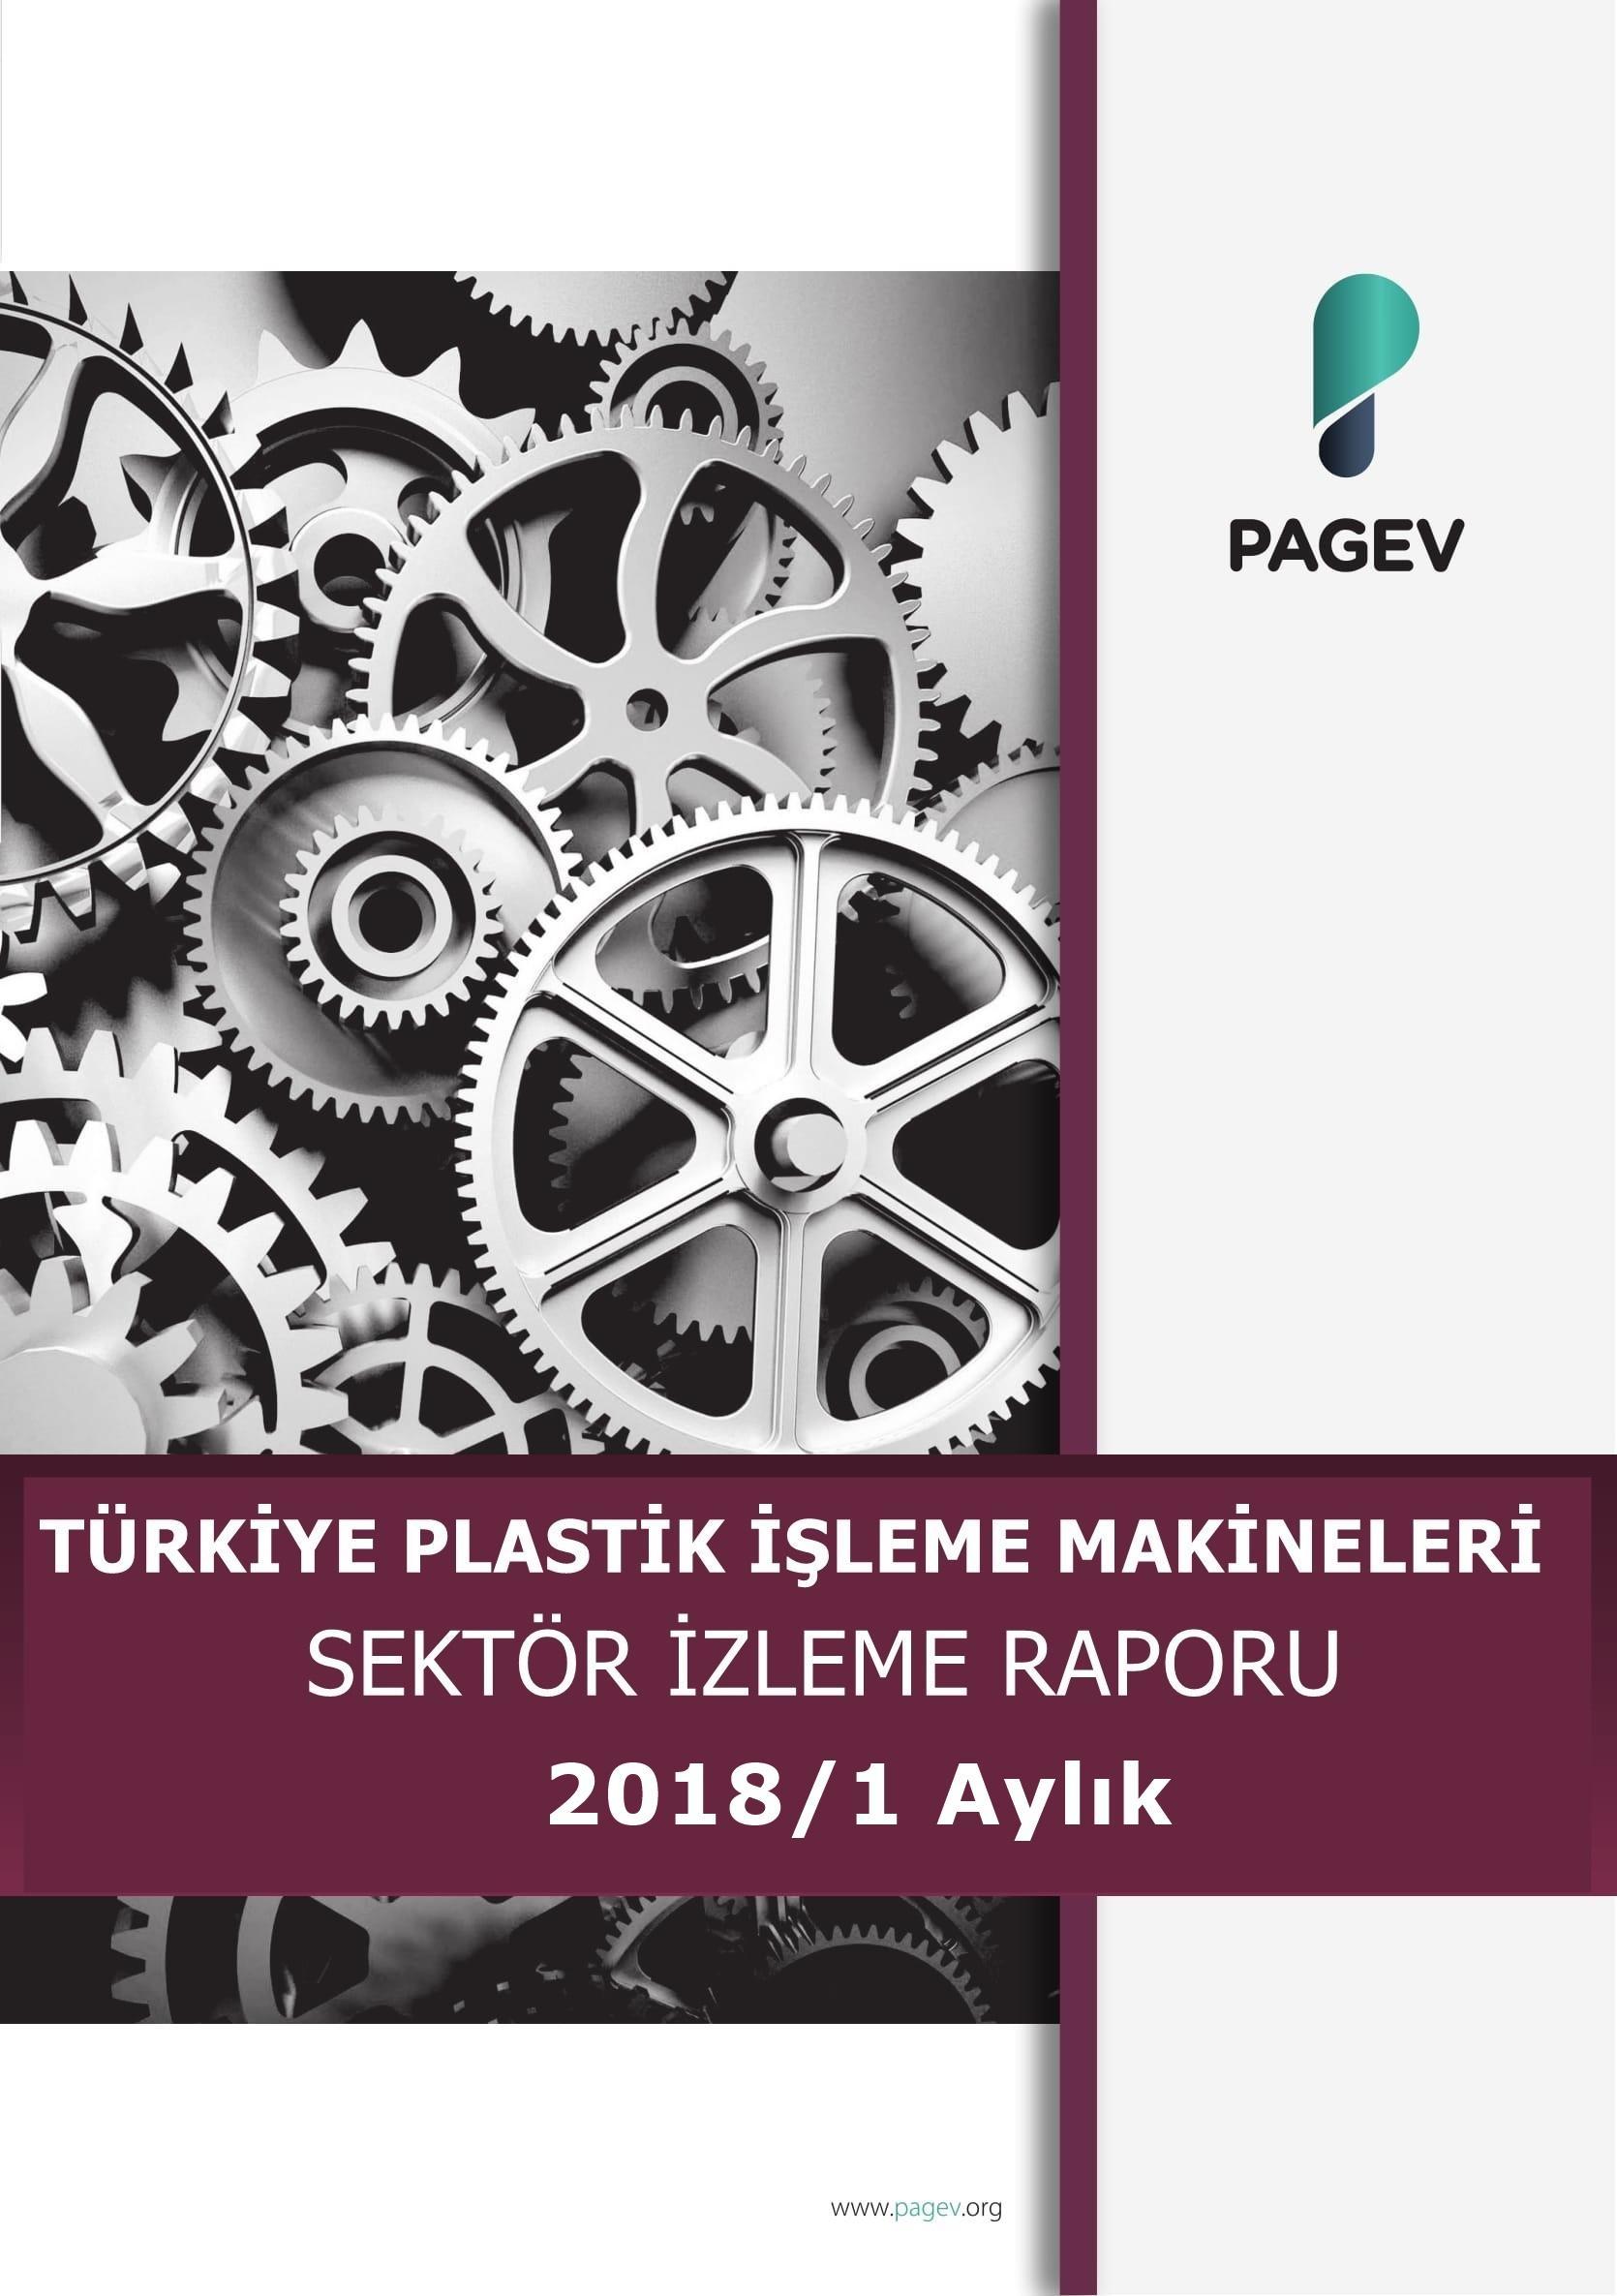 Türkiye Plastik İşleme Makineleri Sektör İzleme Raporu 2018/1 Aylık